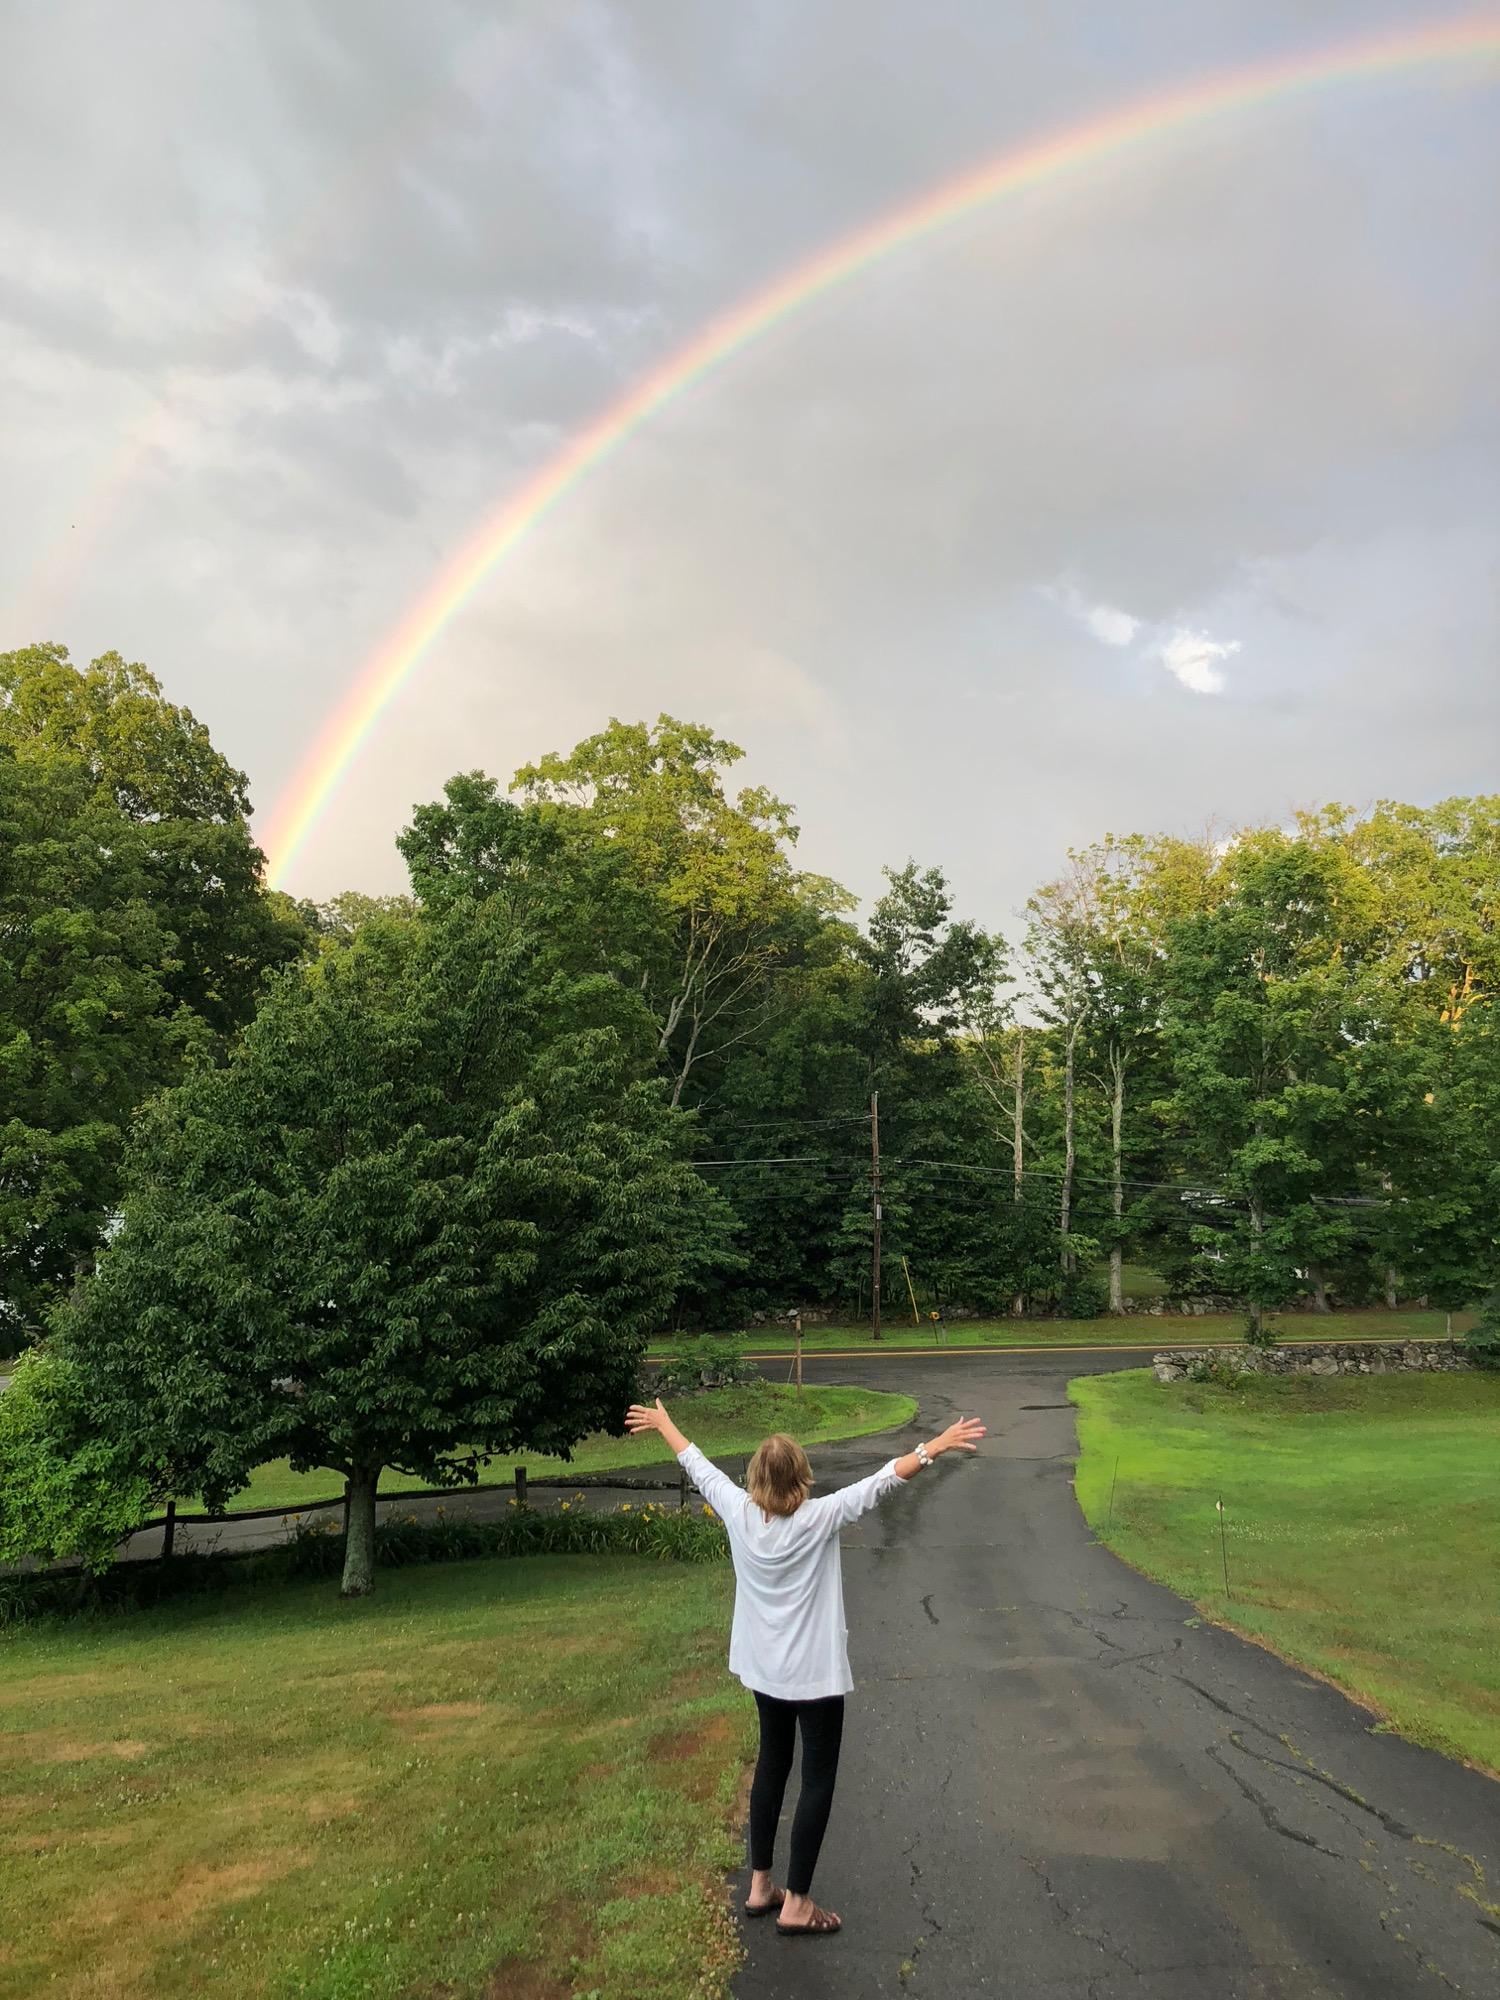 Mary-rainbow.jpg